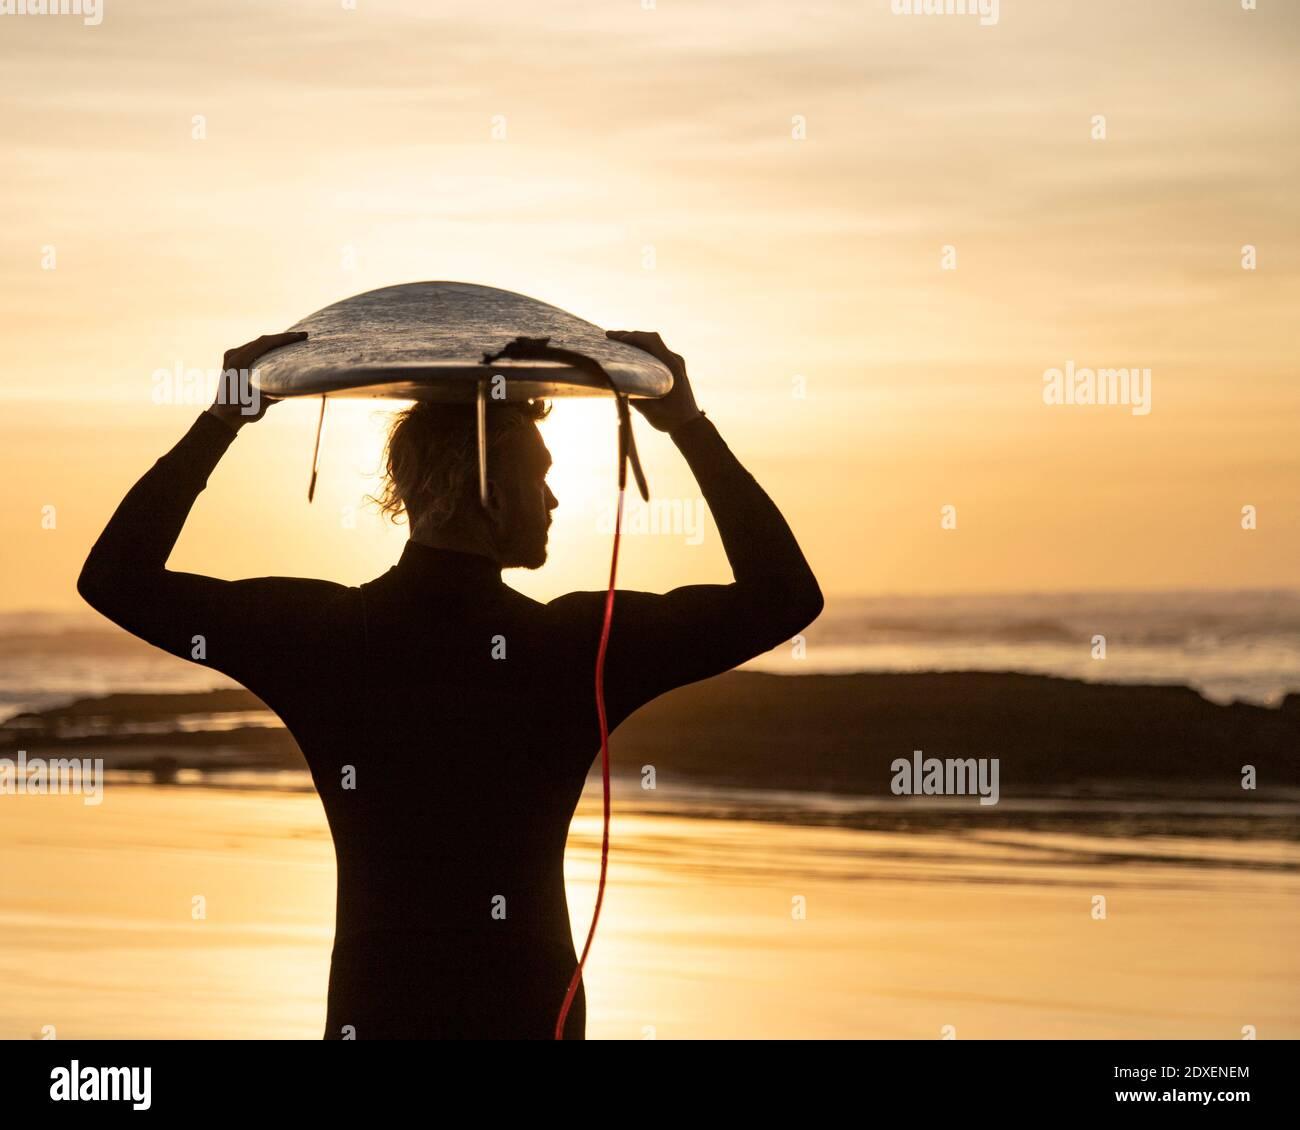 Surfista silueta llevando tabla de surf sobre la cabeza en la playa durante la puesta de sol Foto de stock